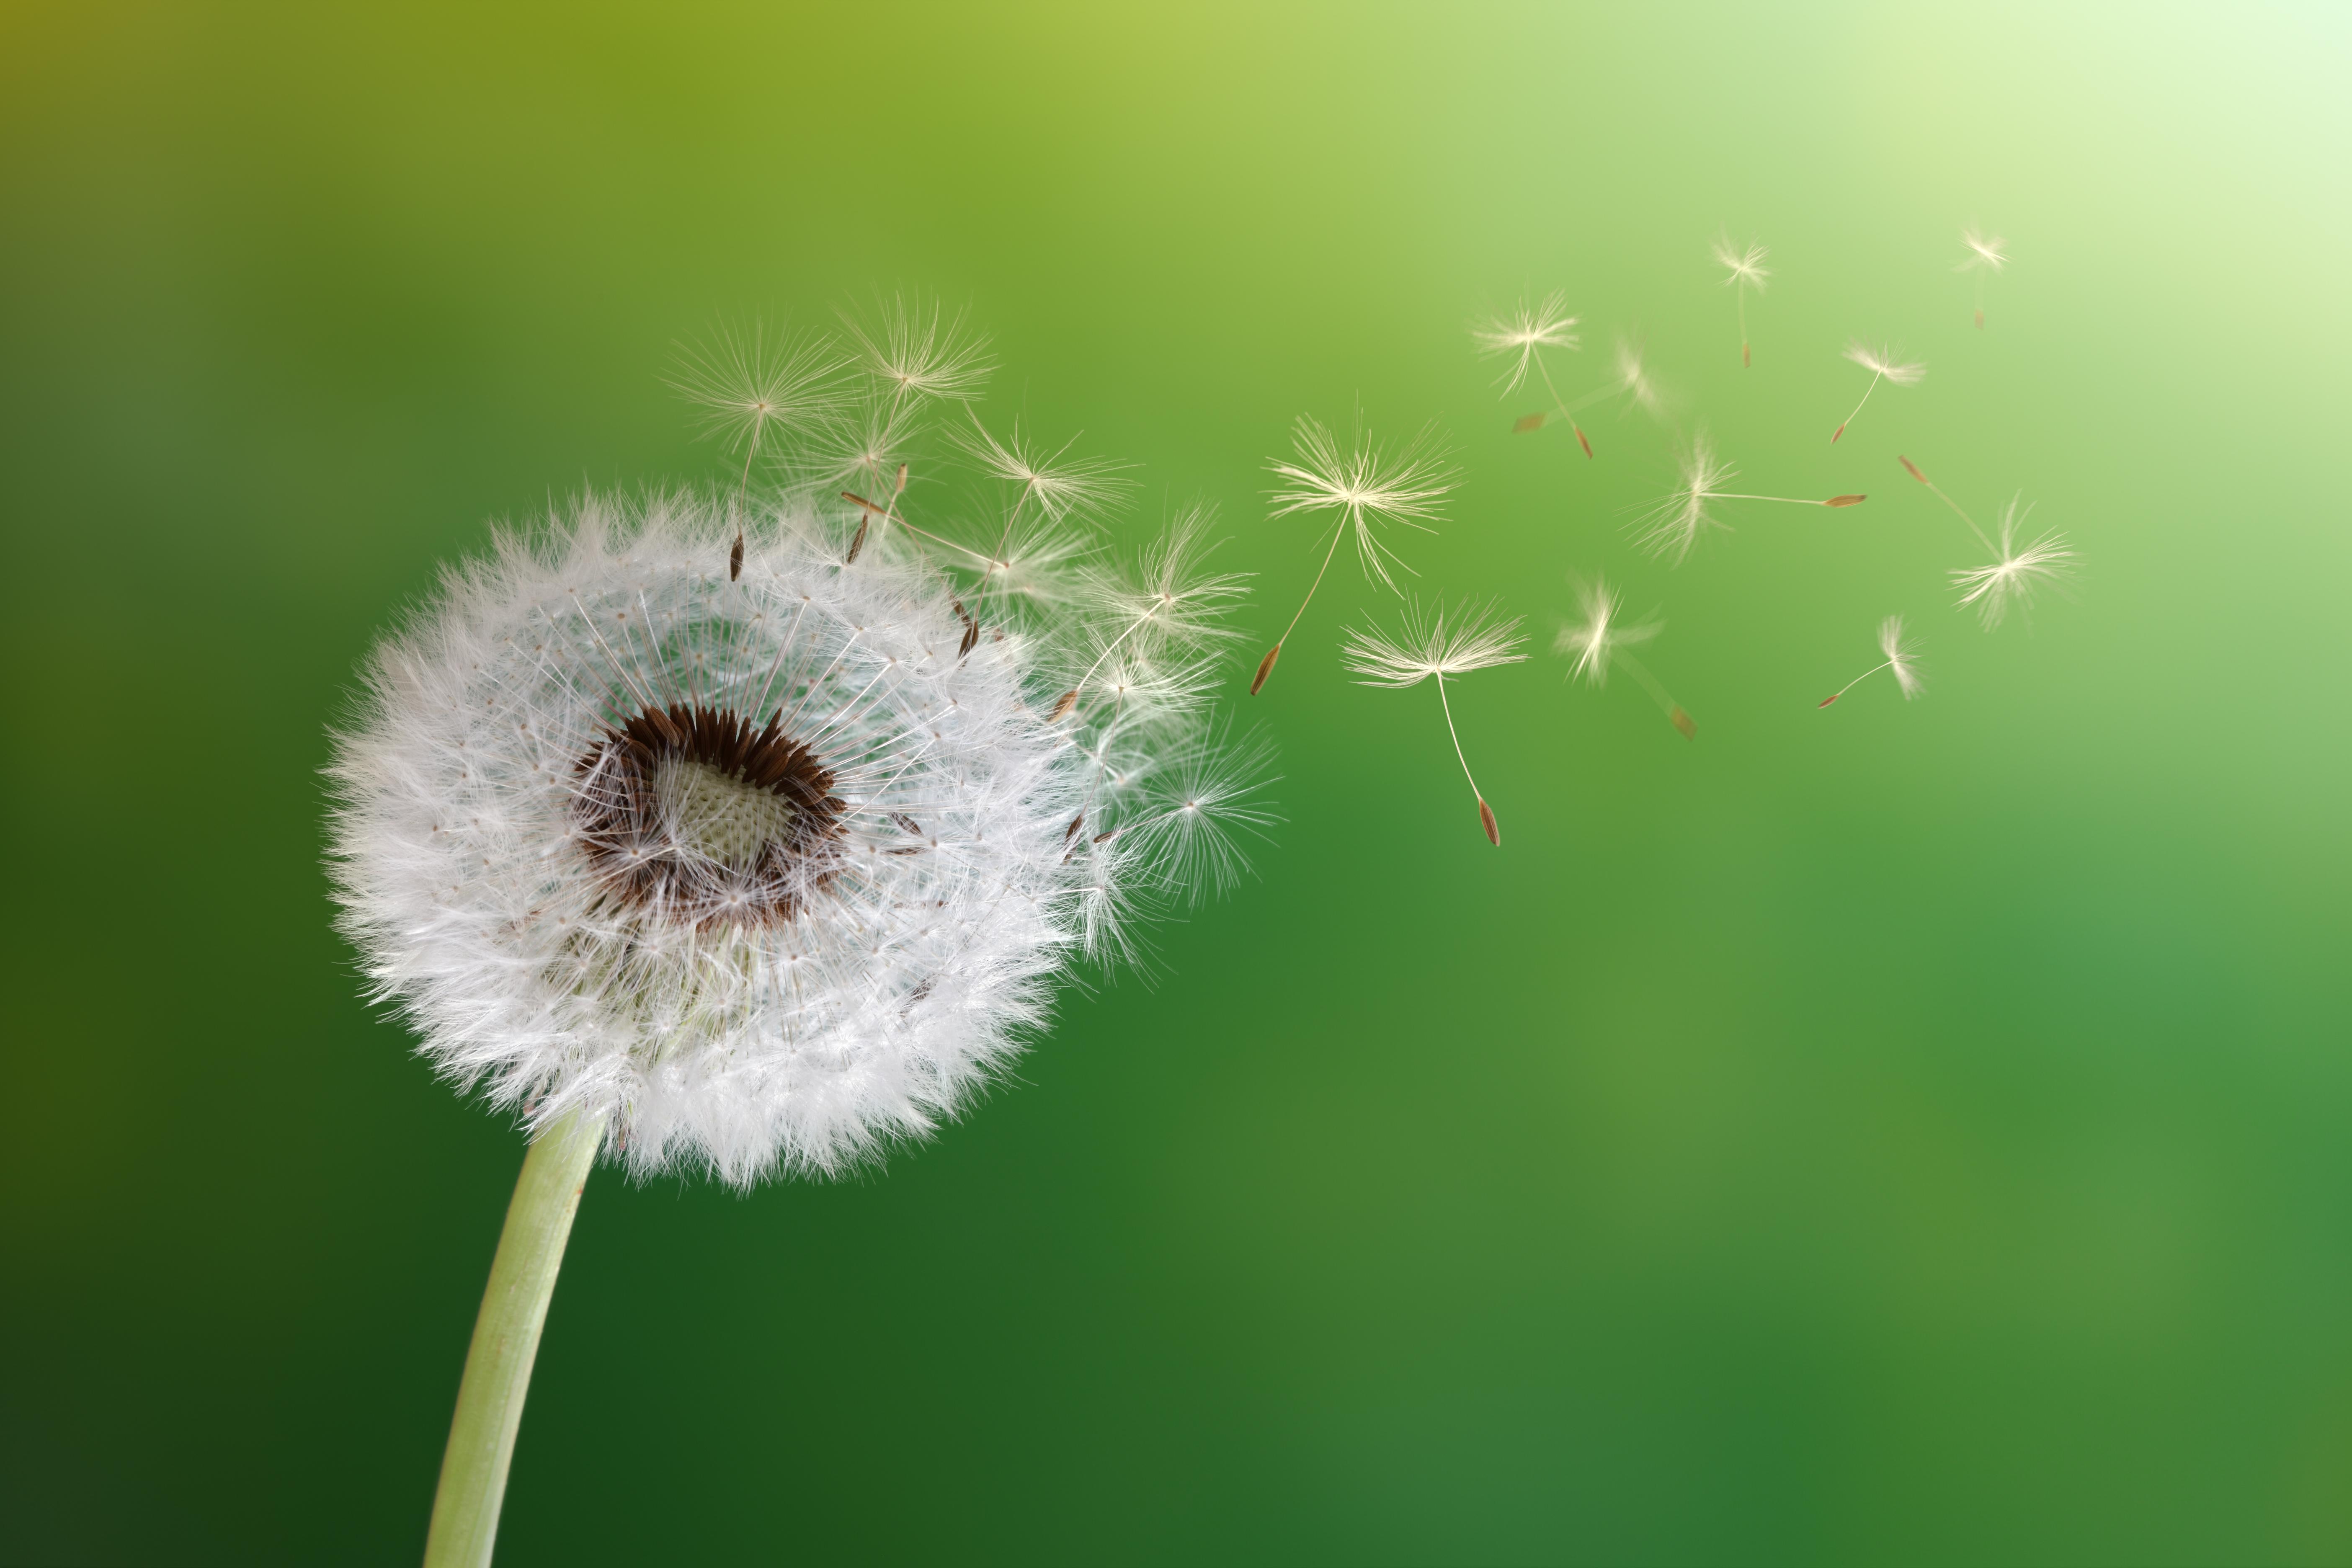 Imagen de la flor llamada diente de león